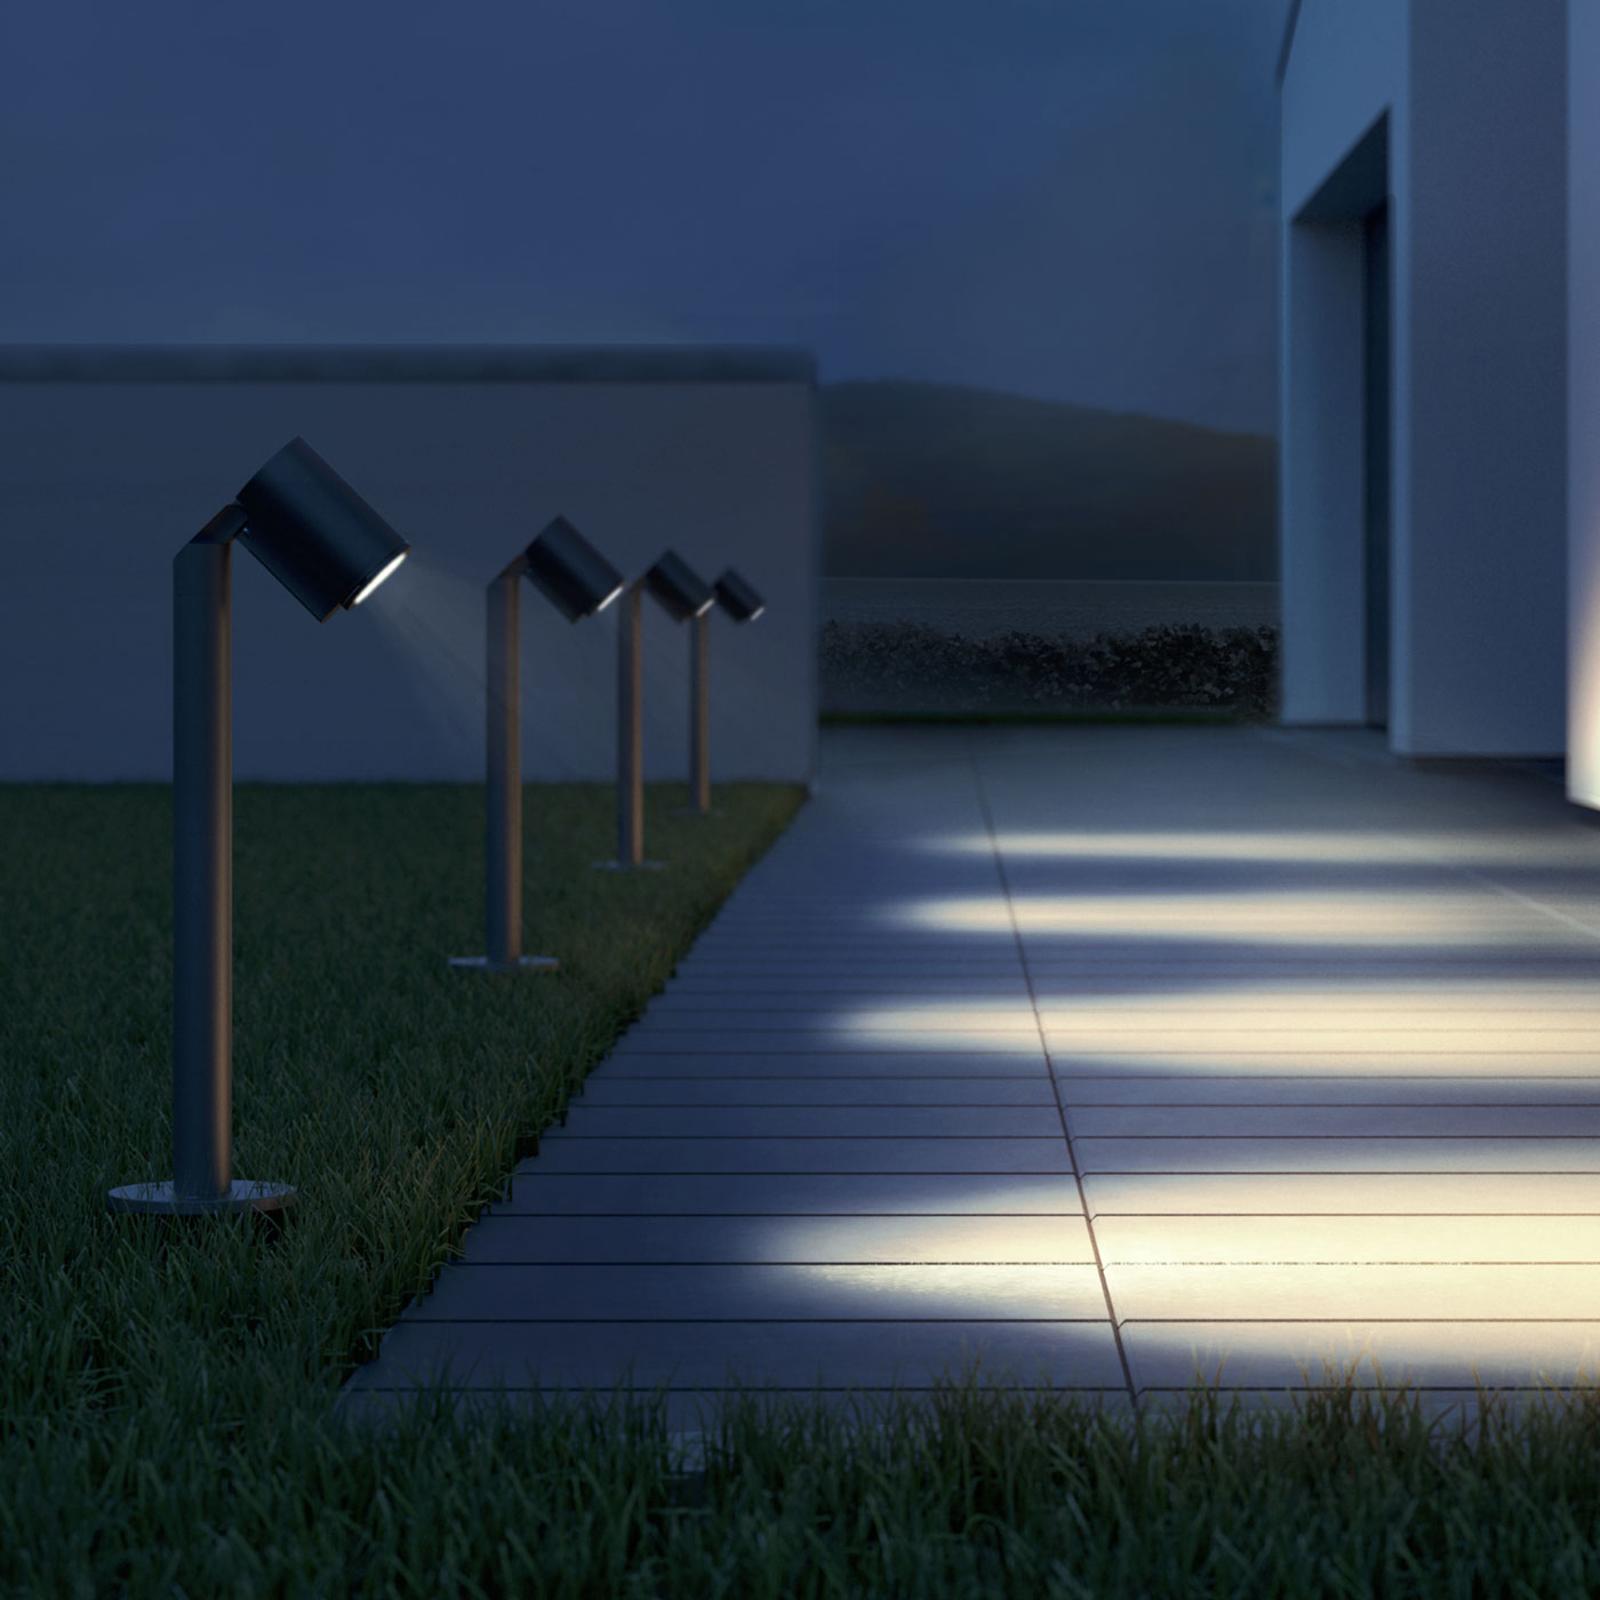 STEINEL Spot Way LED-gadelampe, kan drejes